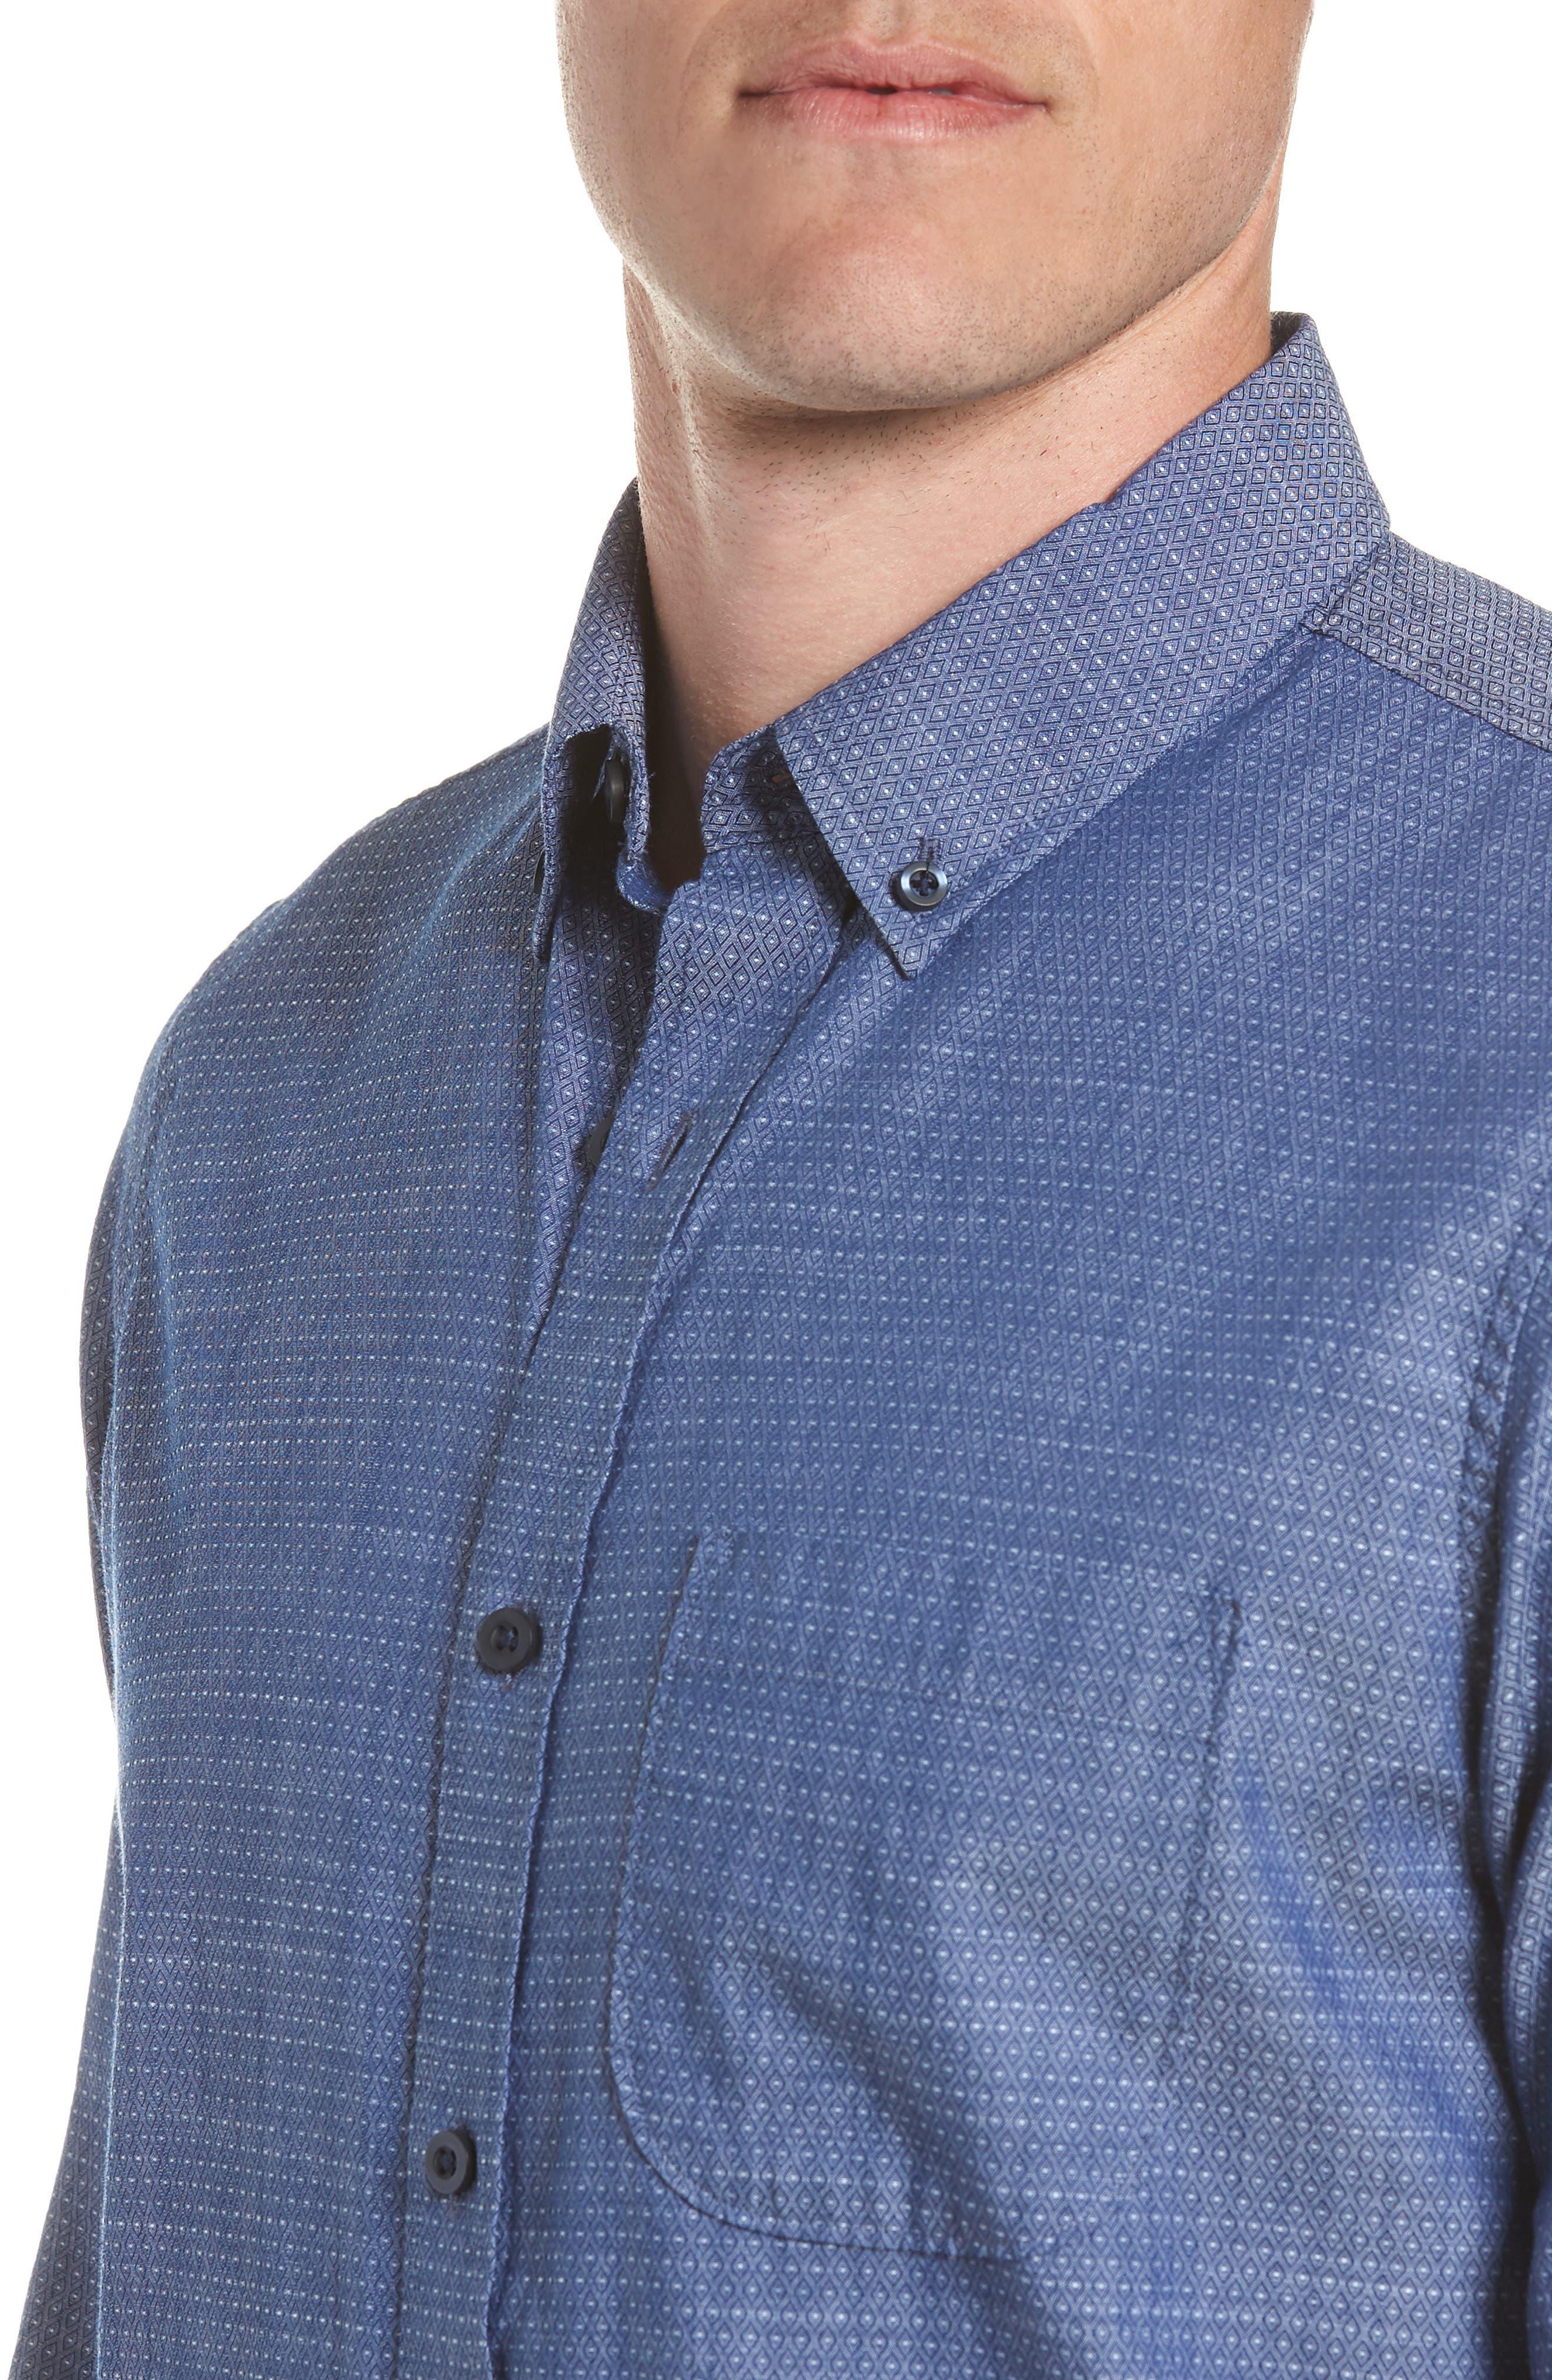 Trim Fit Jacquard Print Sport Shirt,                             Alternate thumbnail 2, color,                             410